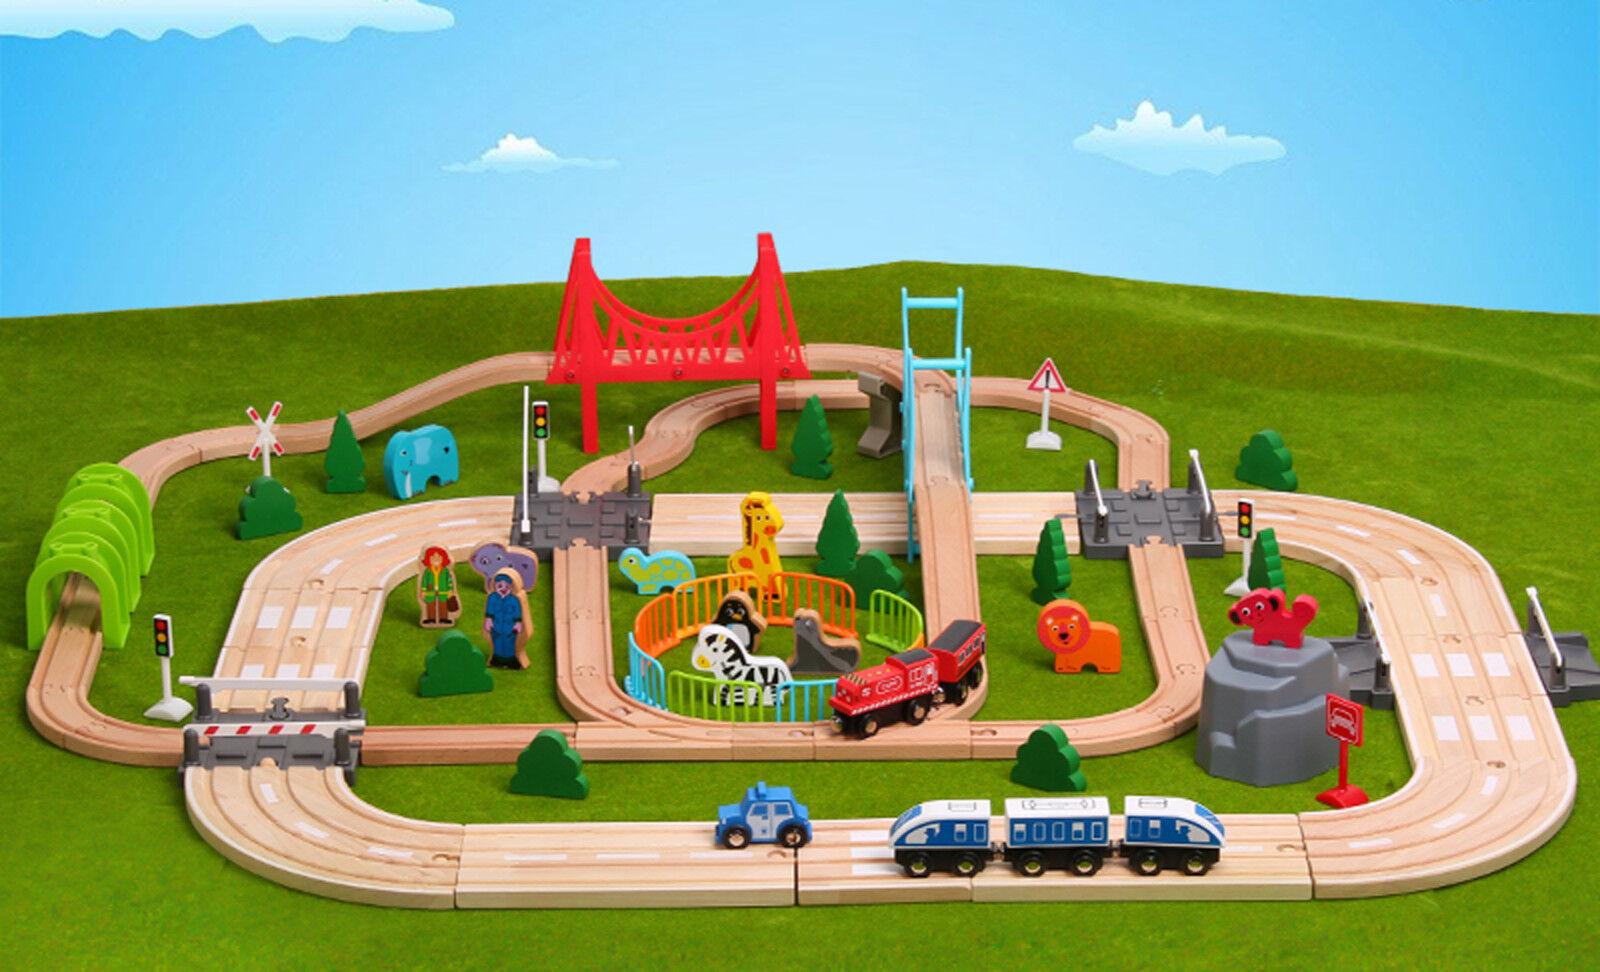 Holz 100 + St.Beschäftigt Straße & Zug Set Bahntrasse Spielzeug Spielzeug Spielzeug Brio Bigjigs 2fa5bc